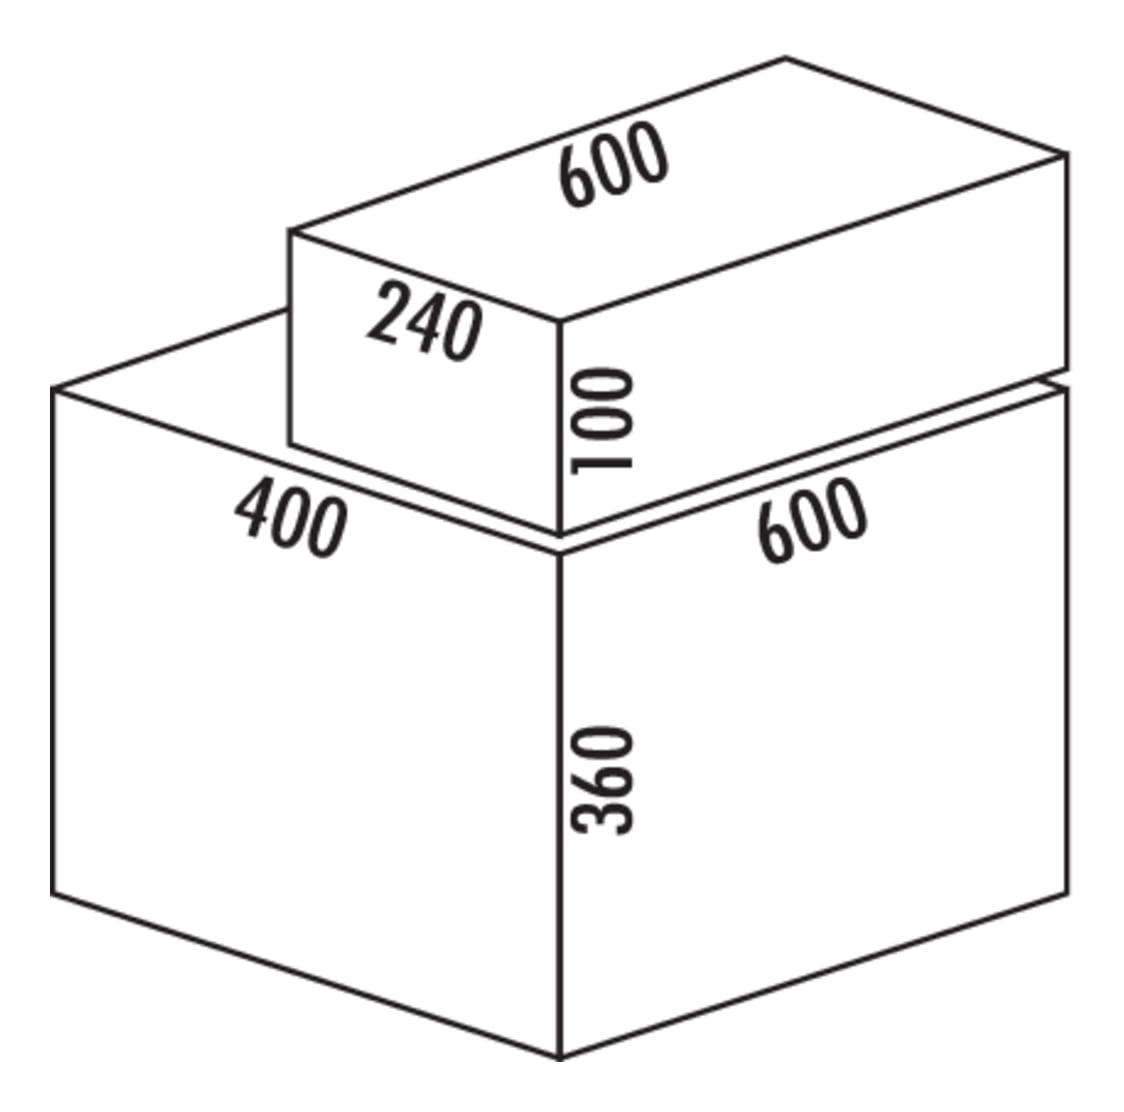 Coxィ Base 360 S/600-4 met Base-Board, Afvalverzamelsysteem voor Frontuittreksysteem., met biologisch deksel, antraciet, H 460 mm